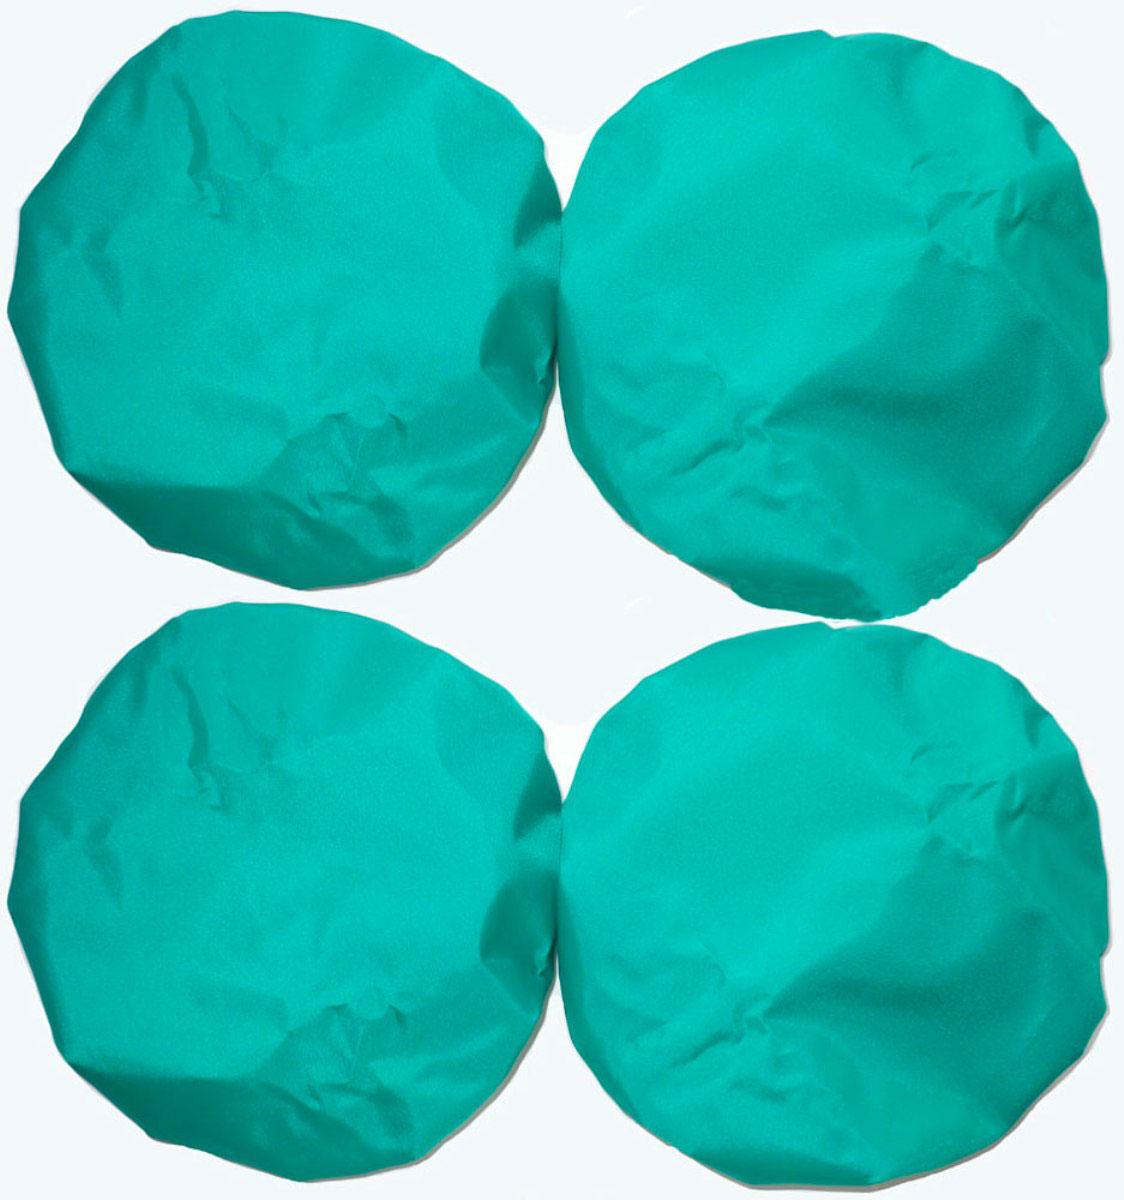 Чудо-Чадо Чехлы на колеса для коляски диаметр 18-28 см цвет зеленый 4 шт CHK02-004